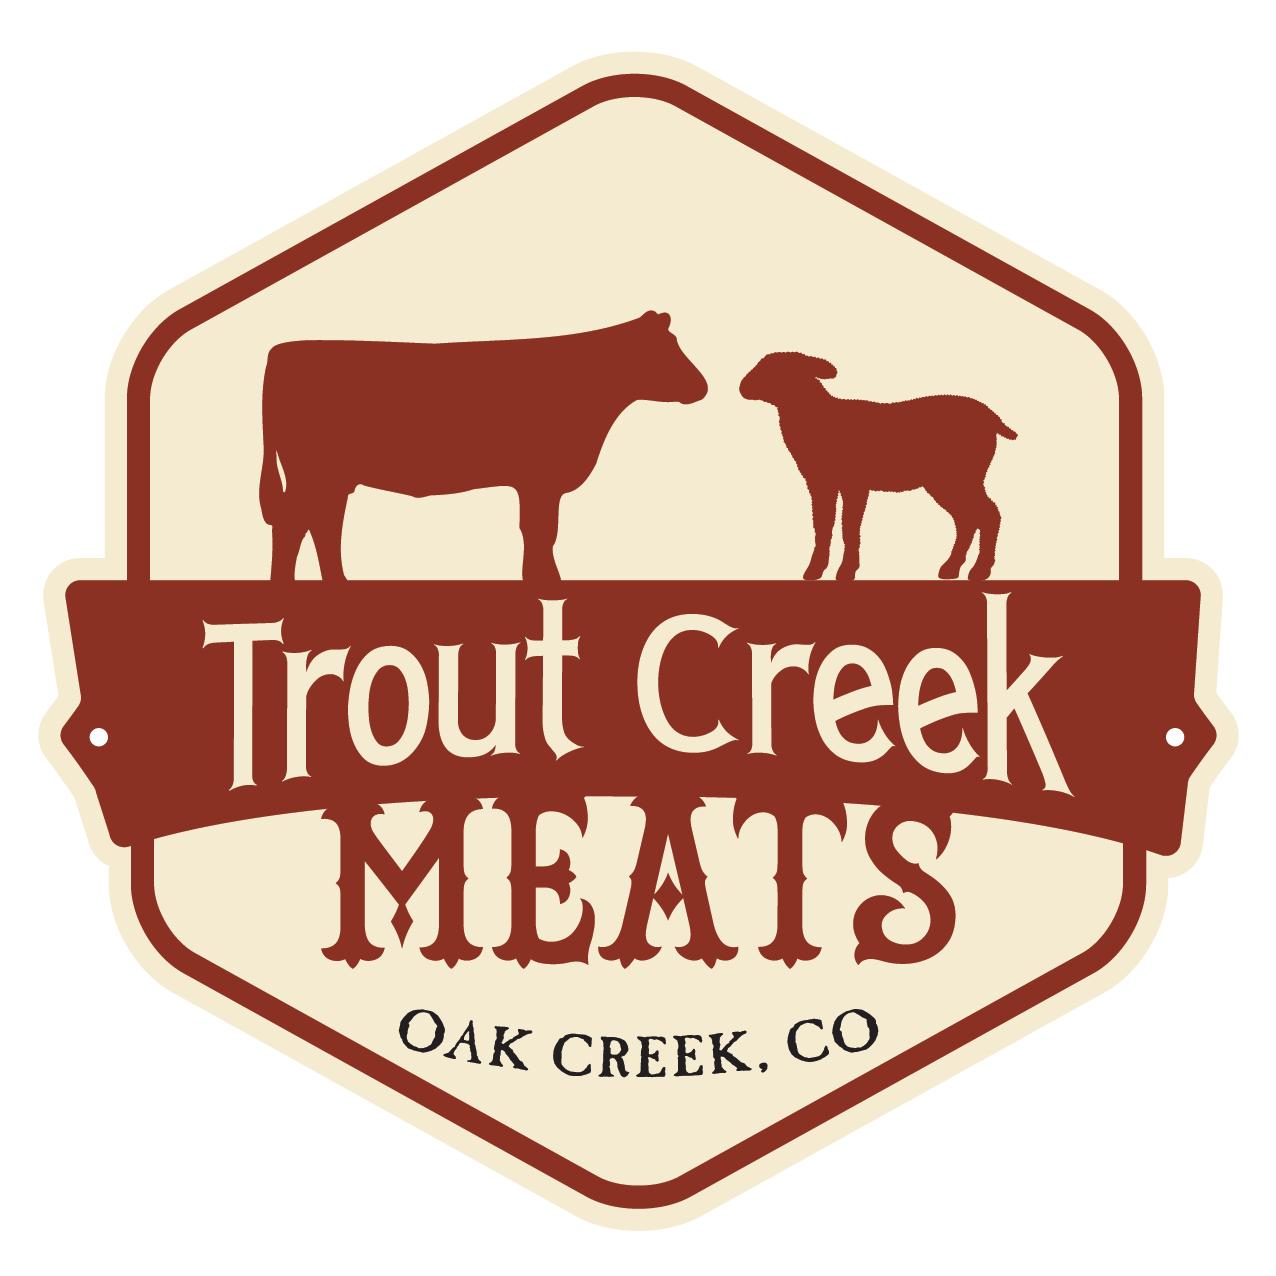 Trout Creek Meats